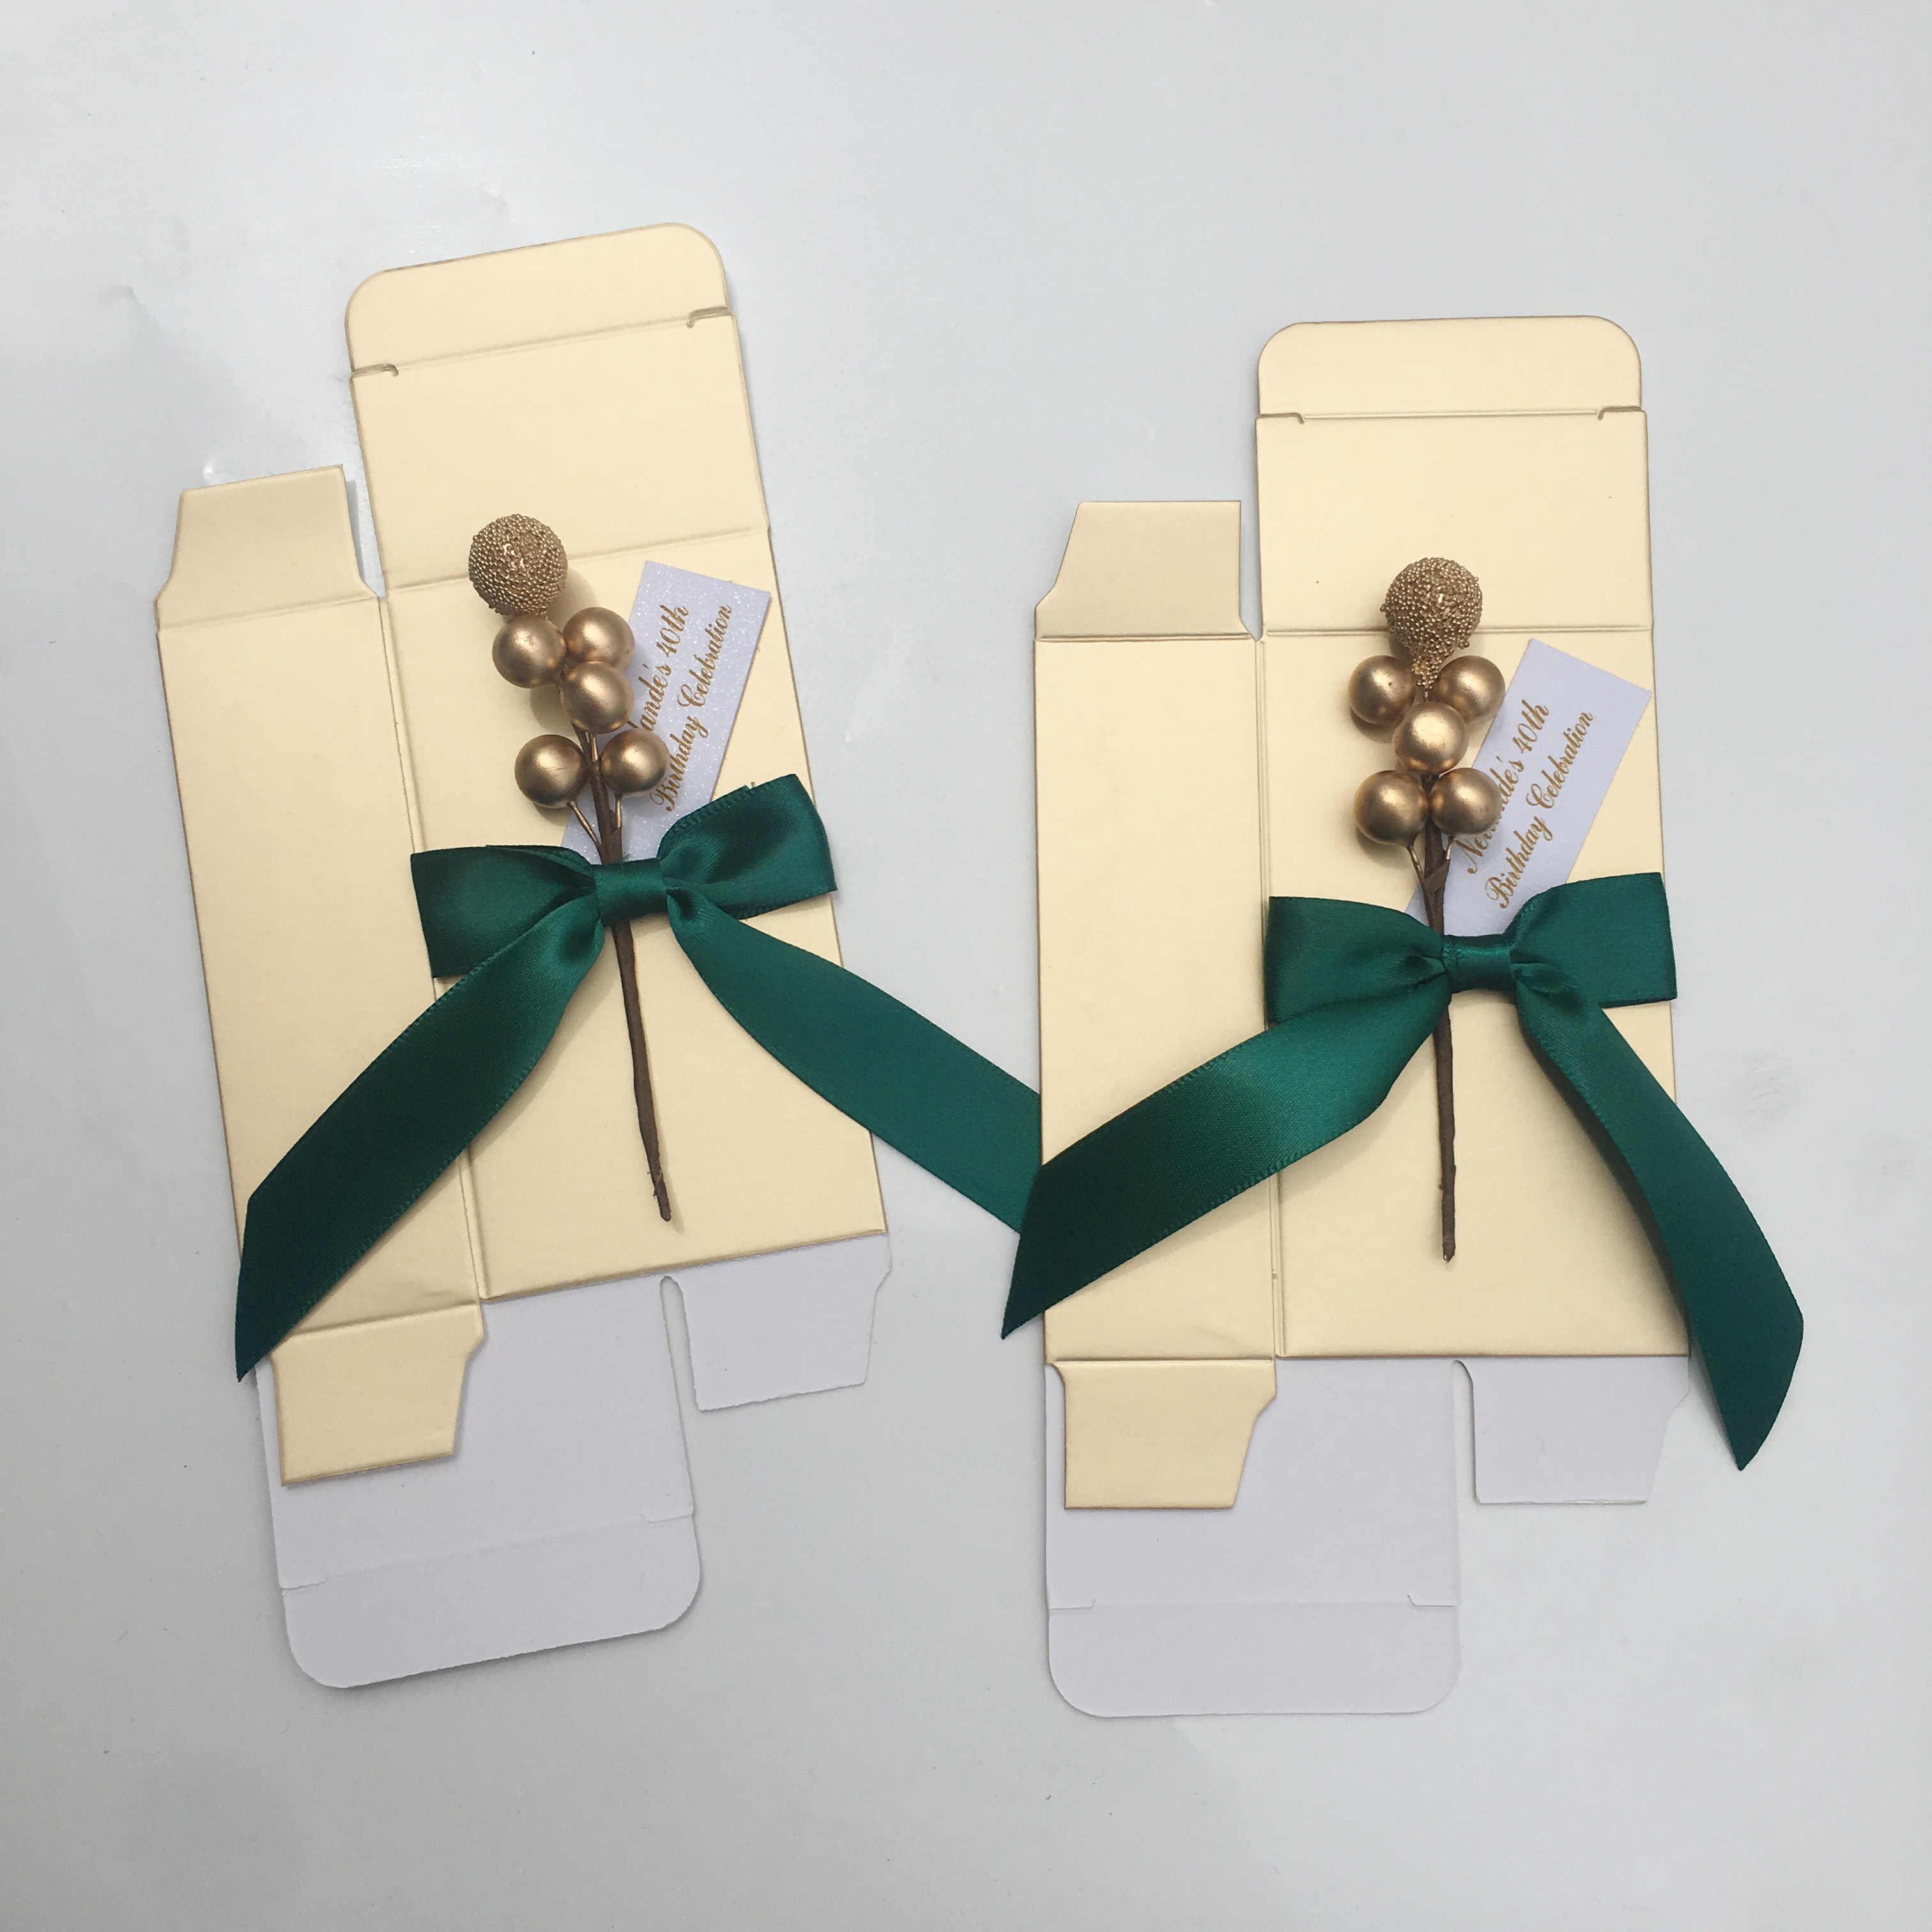 Lote de 50 Uds. De recipiente para chocolate personalizado, Cajas de caramelos para bodas, regalos de devolución, caja para invitados personalizada